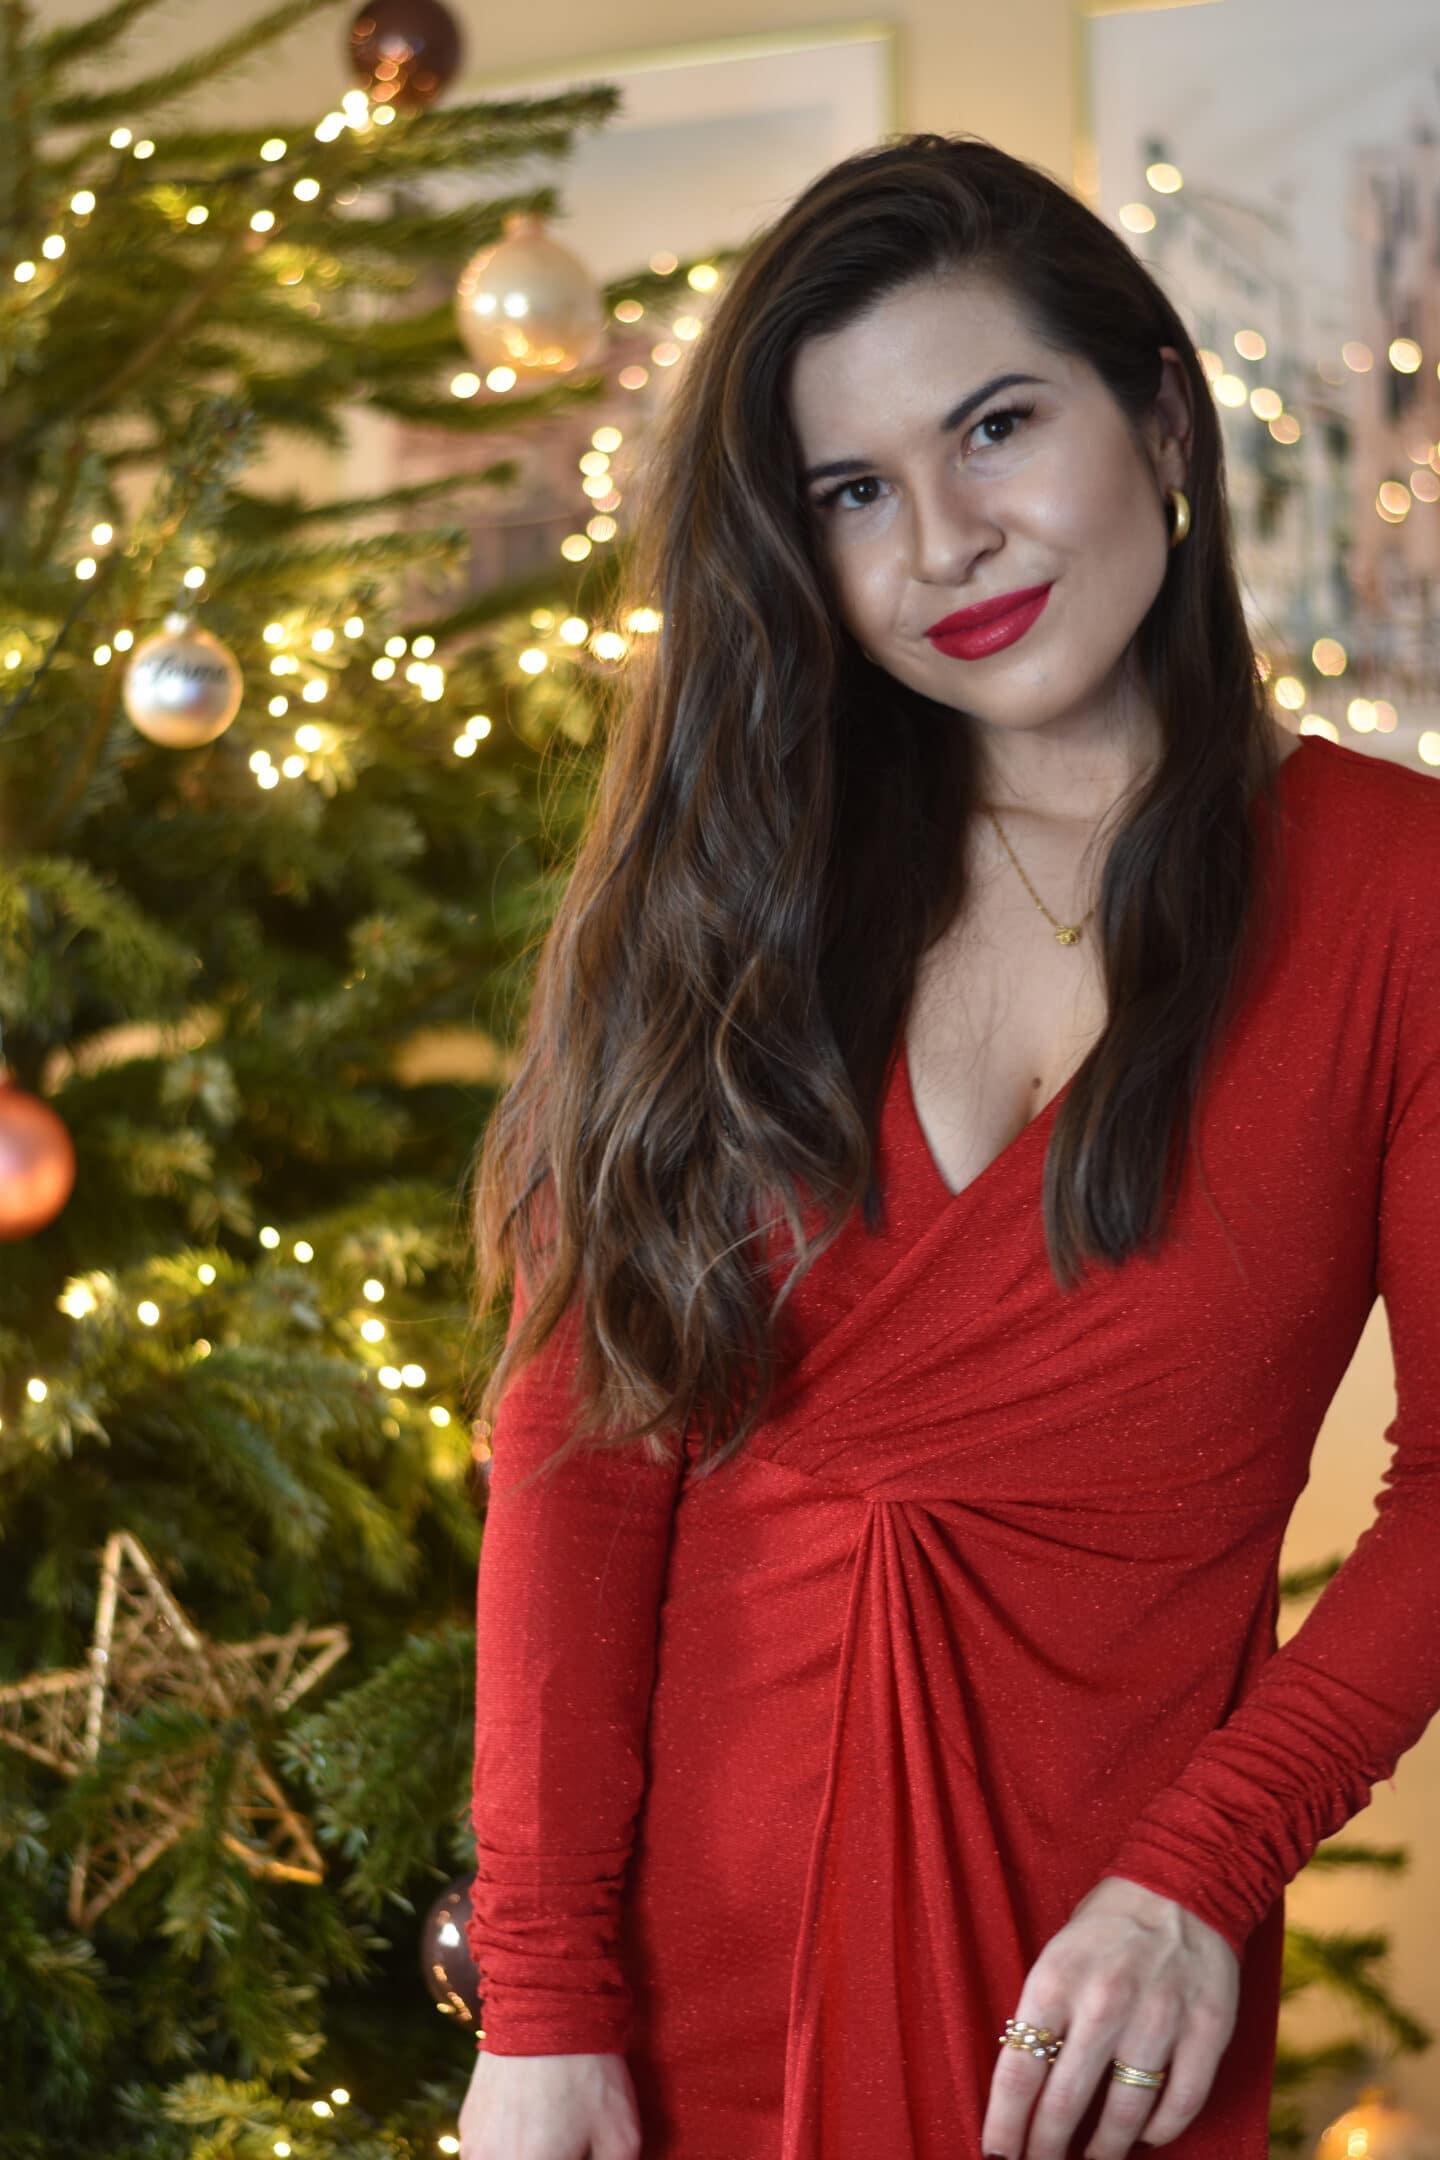 Weihnachten in Zeiten von Corona - ein Fest, das in Erinnerung bleiben wird